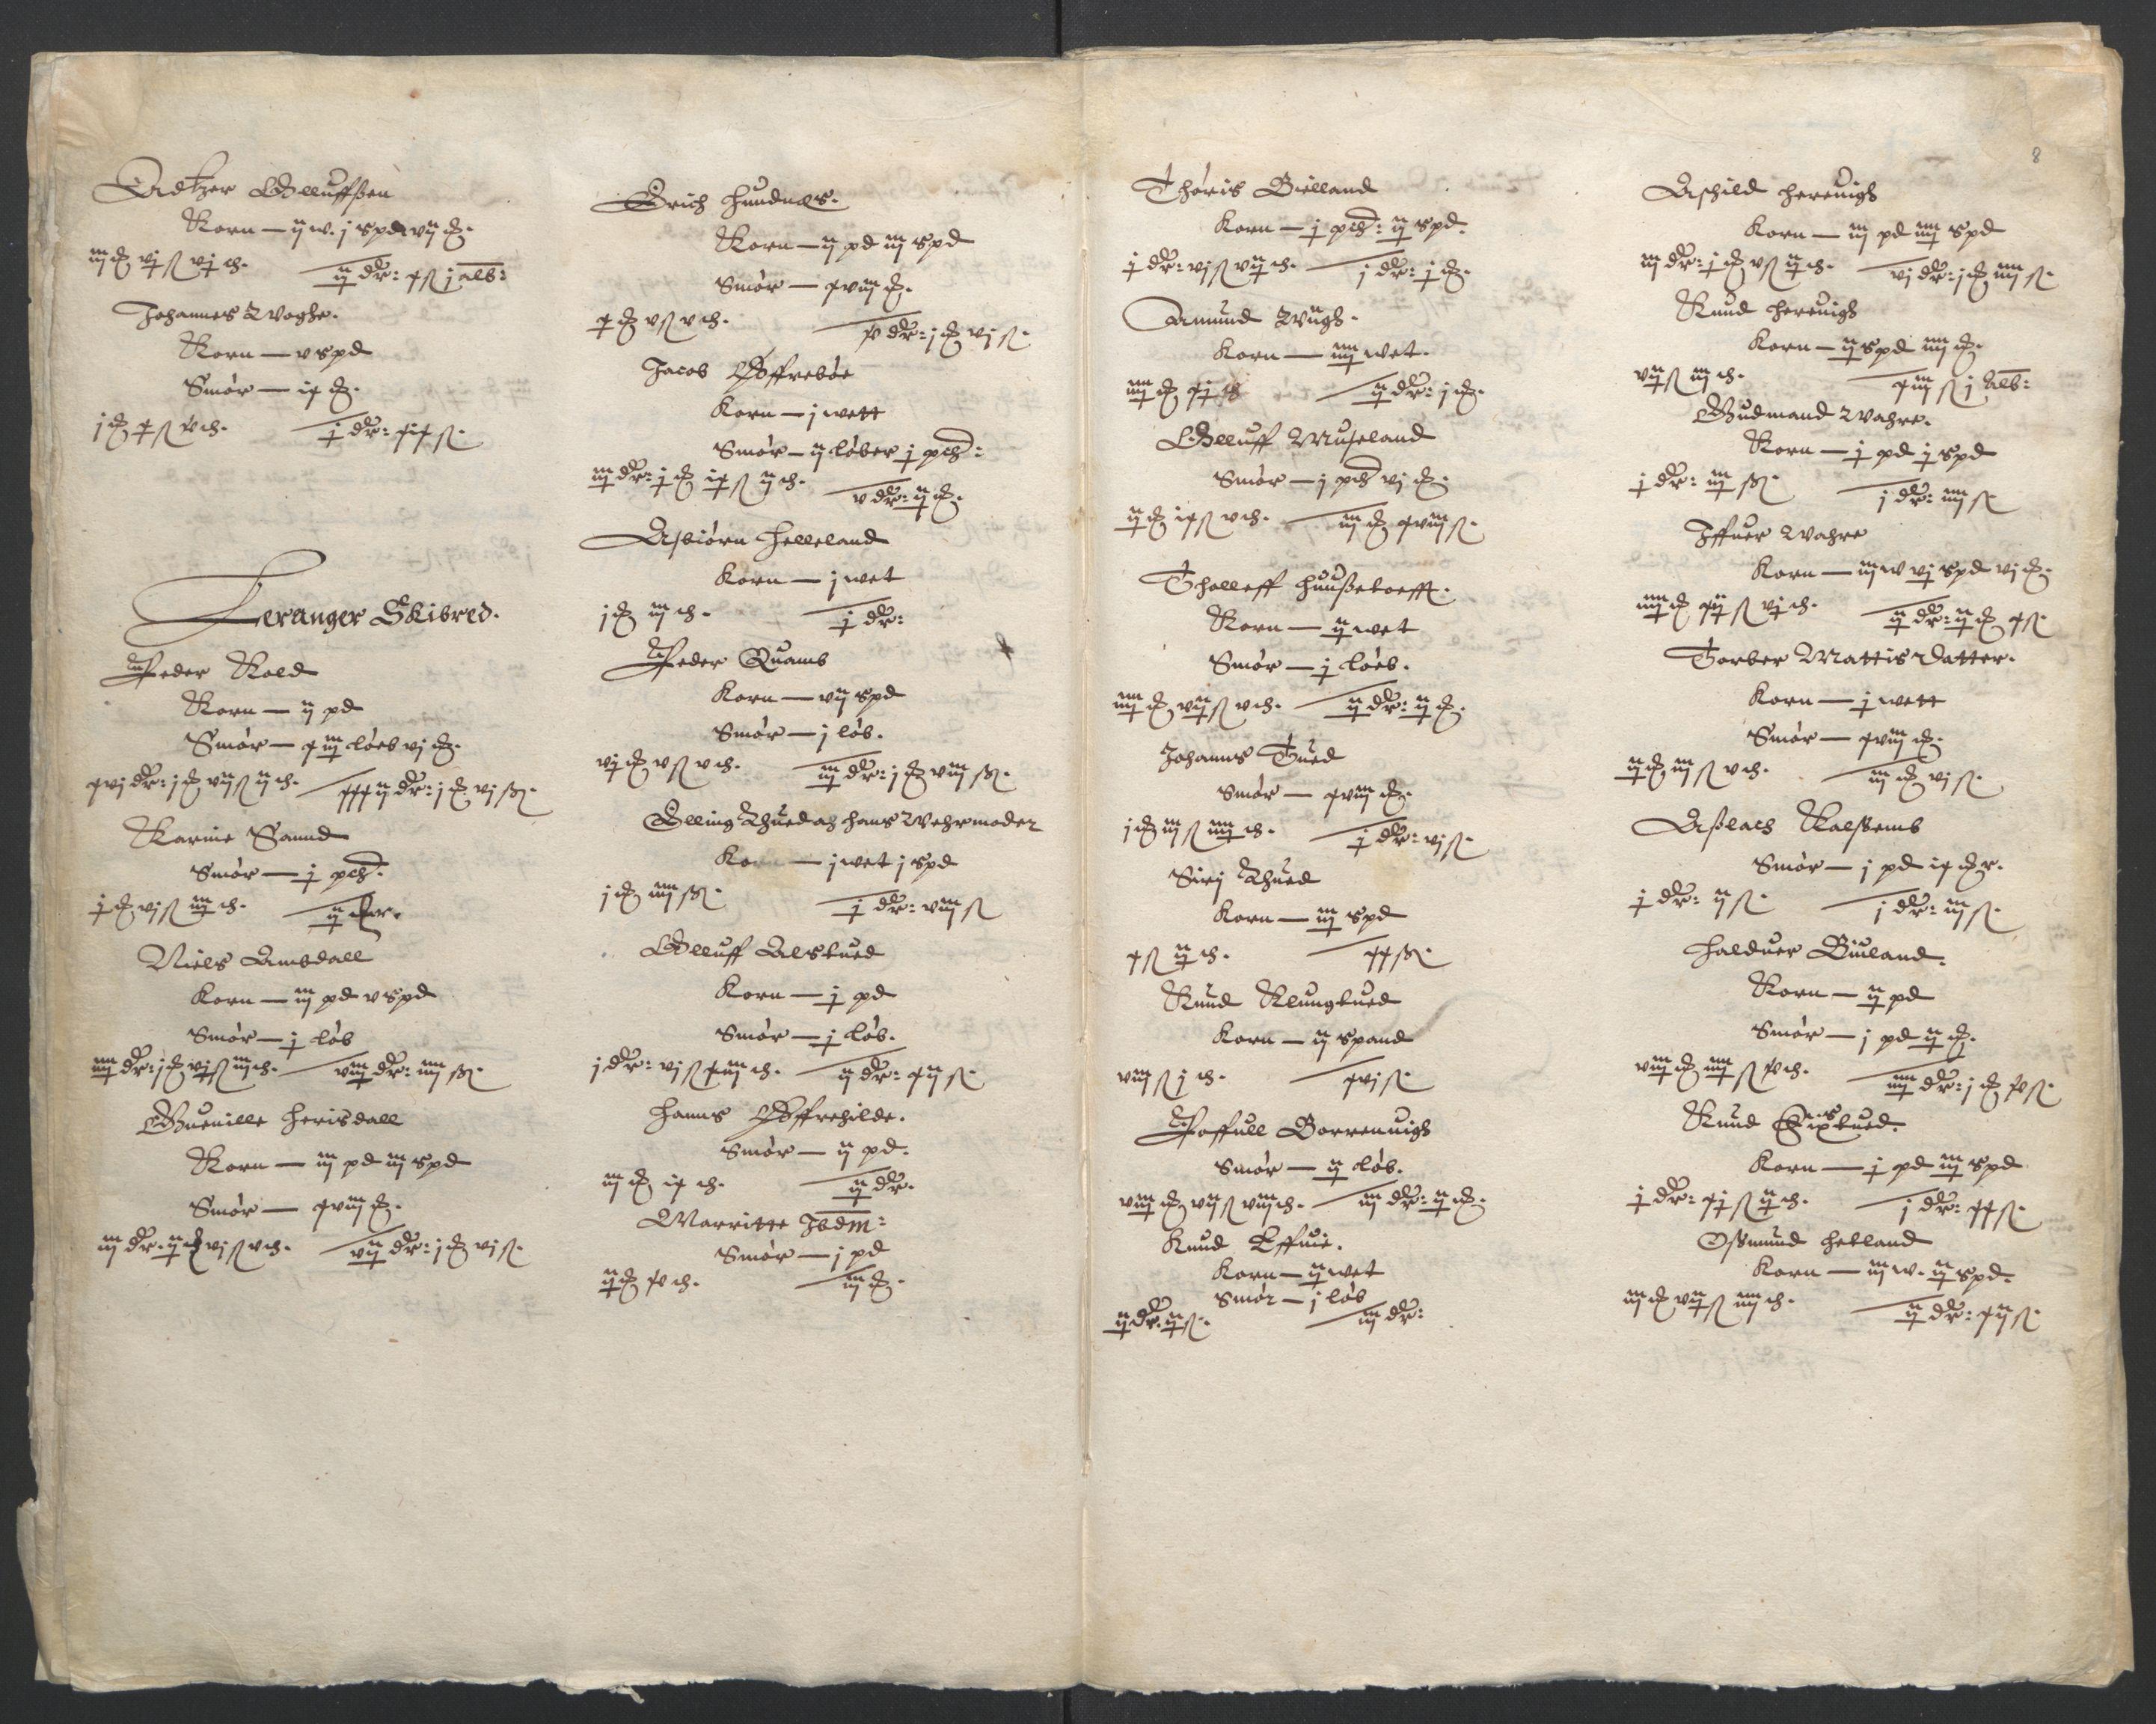 RA, Stattholderembetet 1572-1771, Ek/L0010: Jordebøker til utlikning av rosstjeneste 1624-1626:, 1624-1626, s. 73